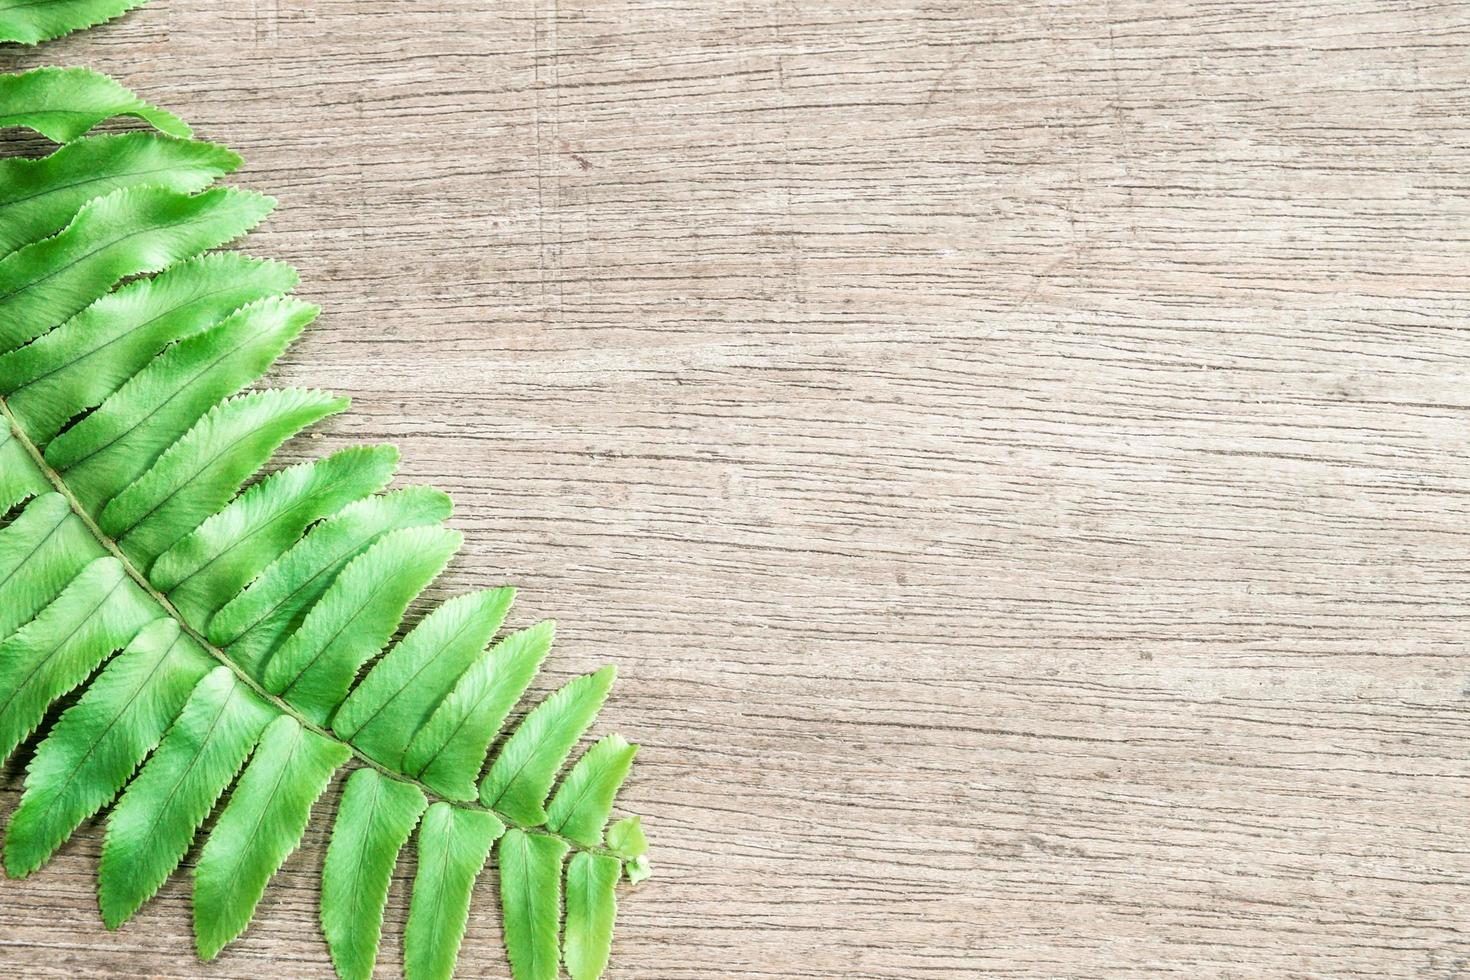 varenblad op houten achtergrond foto